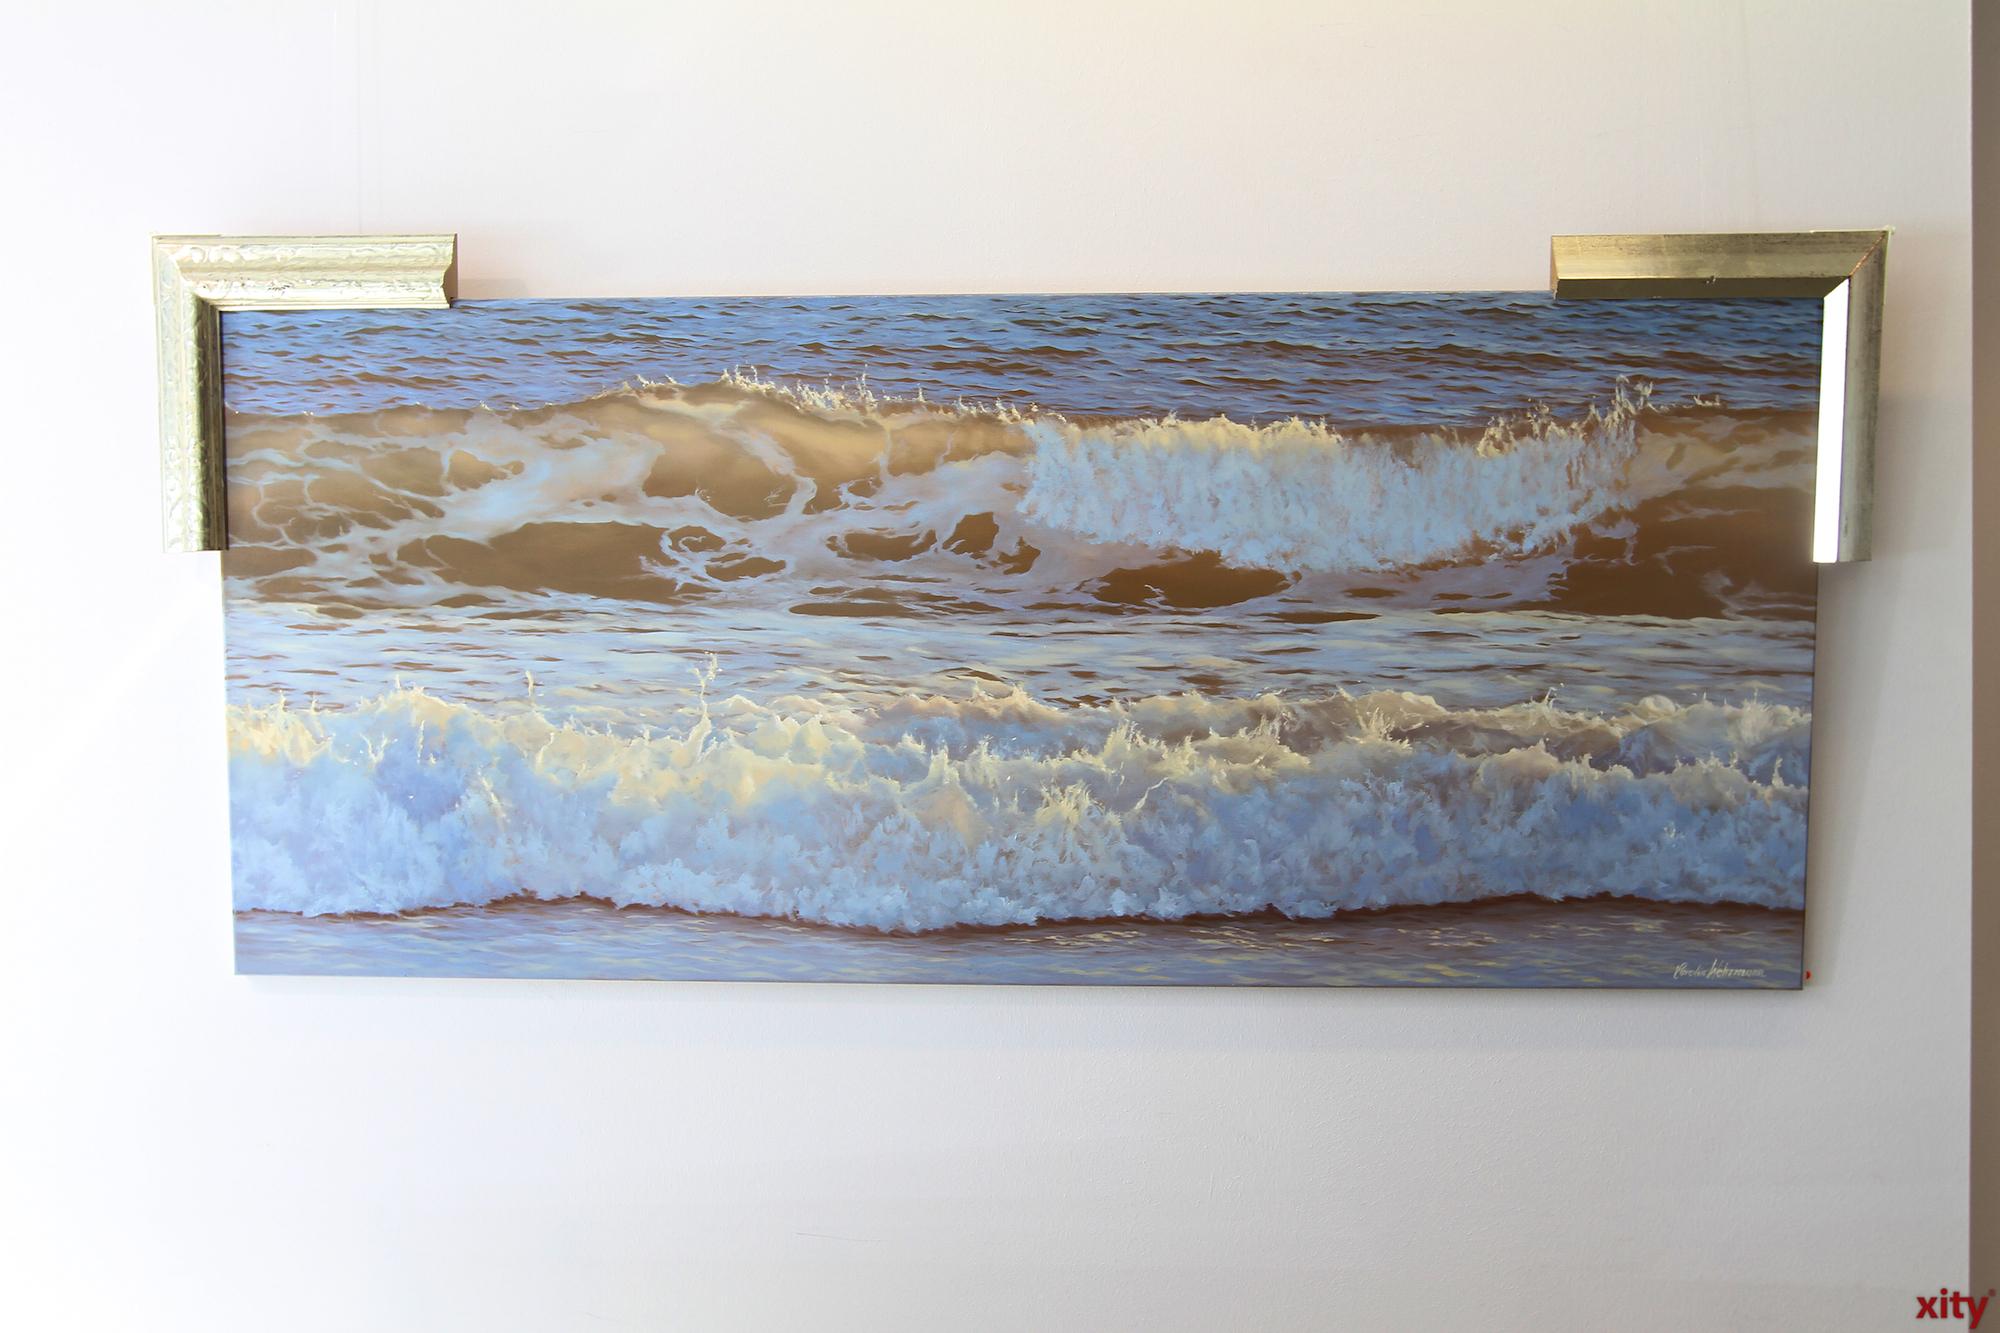 Sie ist eine der weltweit besten und einflussreichsten Malerinnen von Wasser und Meer. (Foto: xity)